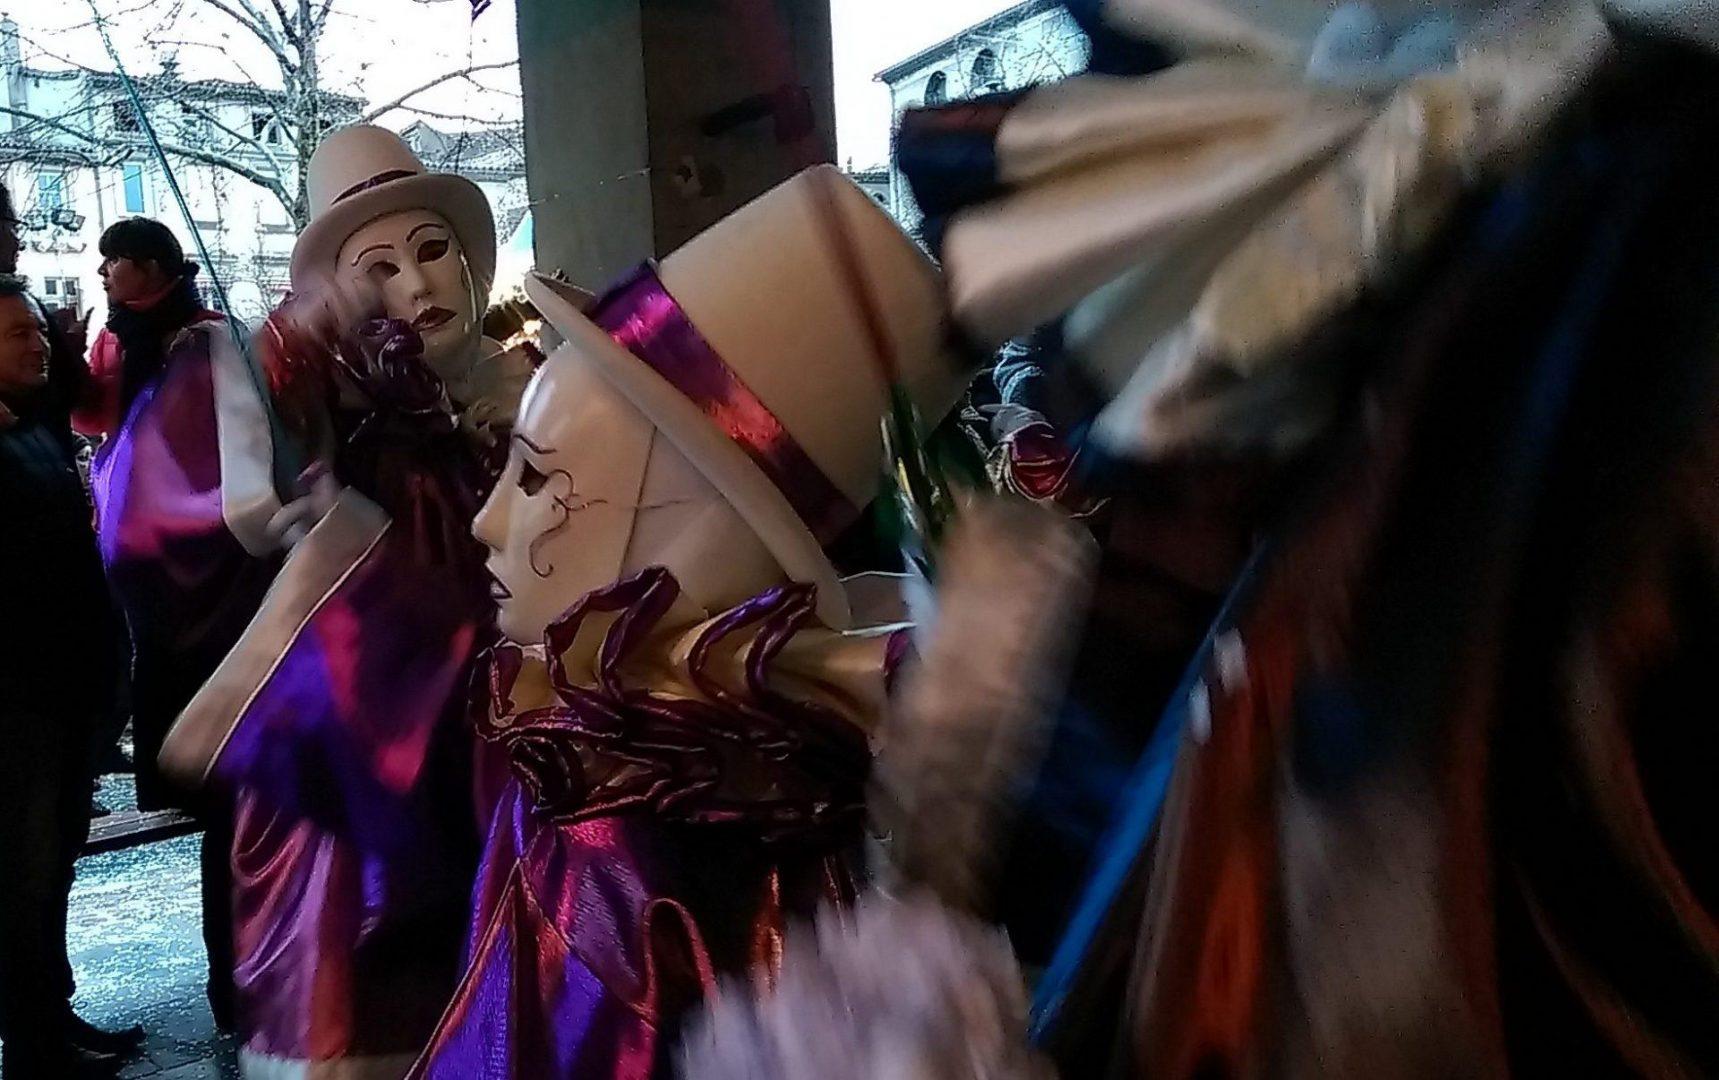 Au Carnaval le plus long du monde - Crédit photo izart.fr